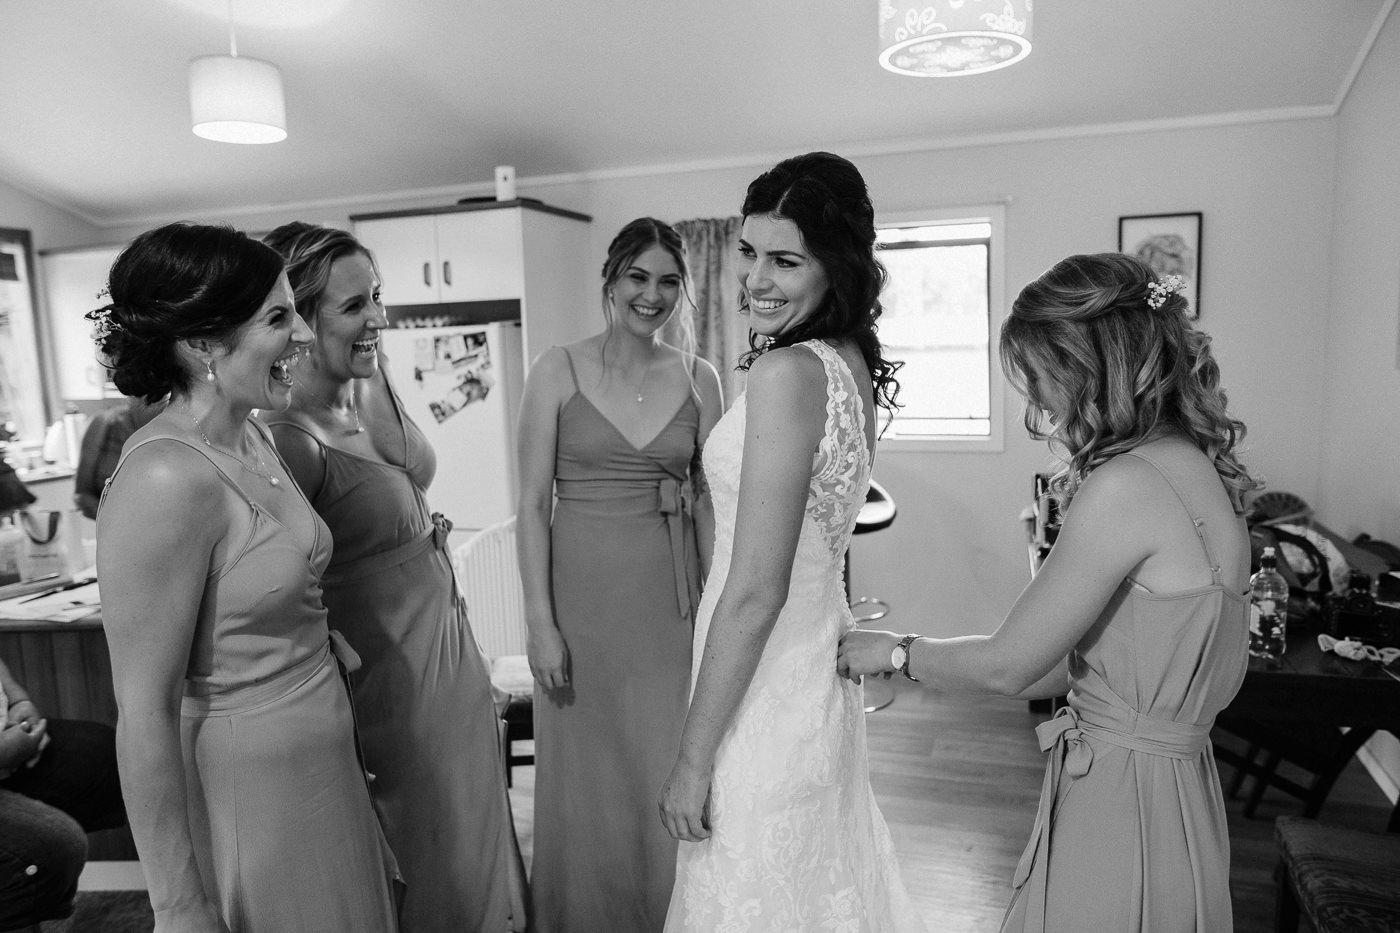 nz_wedding_photographer_gisborne-1018.jpg